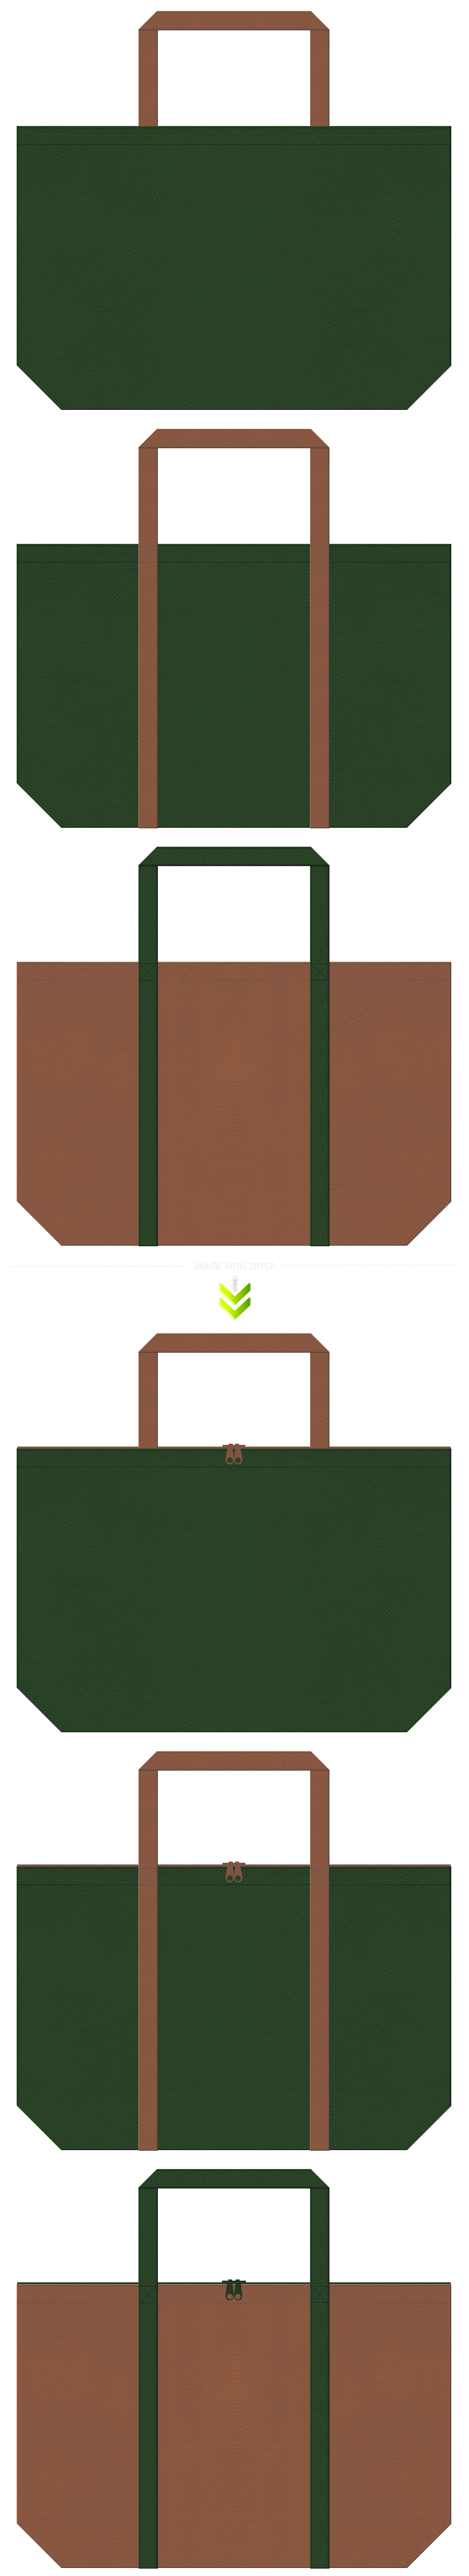 テーマーパーク・ゲーム・探検・ジャングル・恐竜・松の木・登山・アウトドア・キャンプ・森・もみの木・クリスマス・絵本のエコバッグにお奨めの不織布バッグデザイン:濃緑色・深緑色と茶色のコーデ